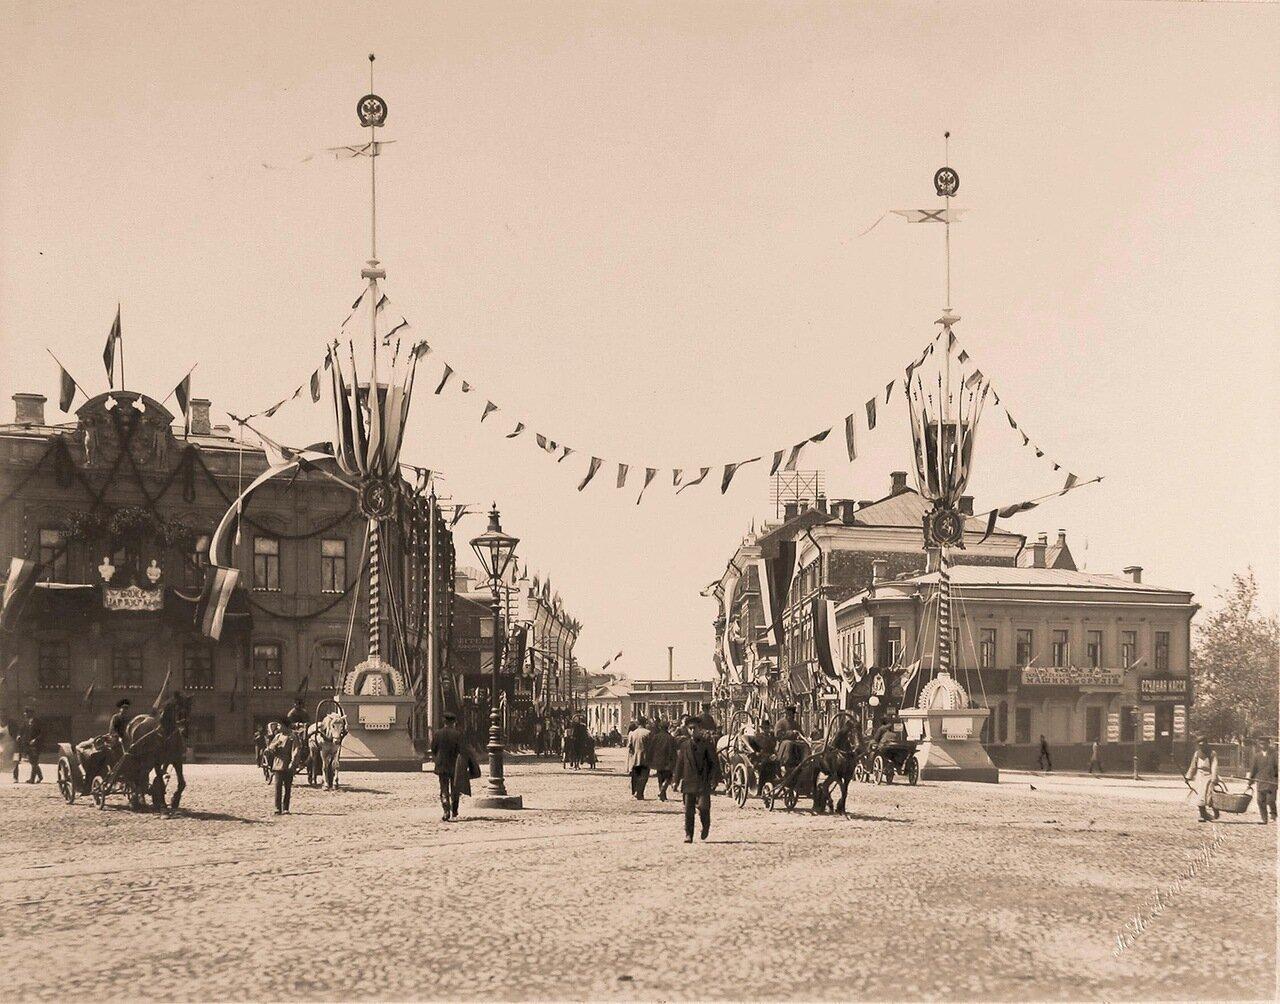 Вид мачт,украшенных флажками,поставленных на одной из площадей к торжествам коронации